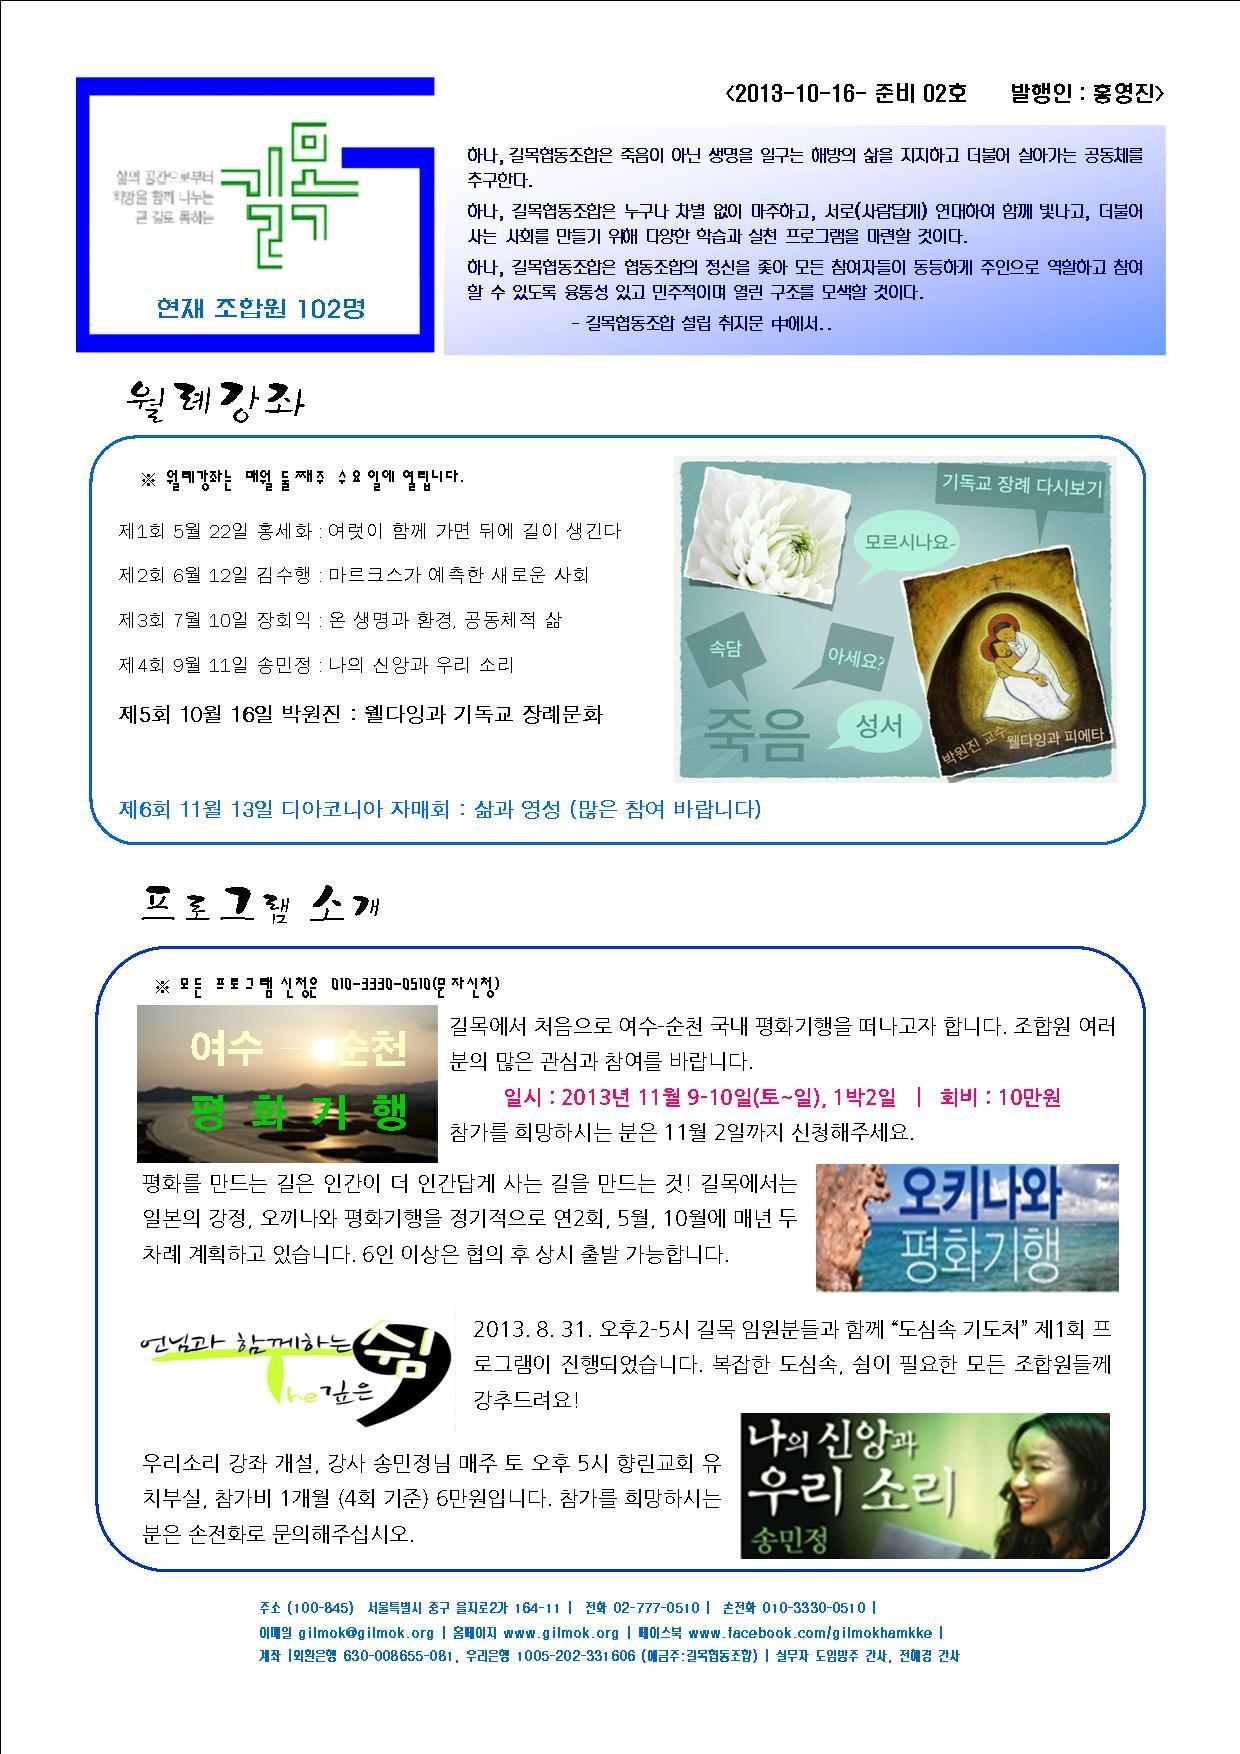 회보 준비 02호(10월 16일 발행).jpg